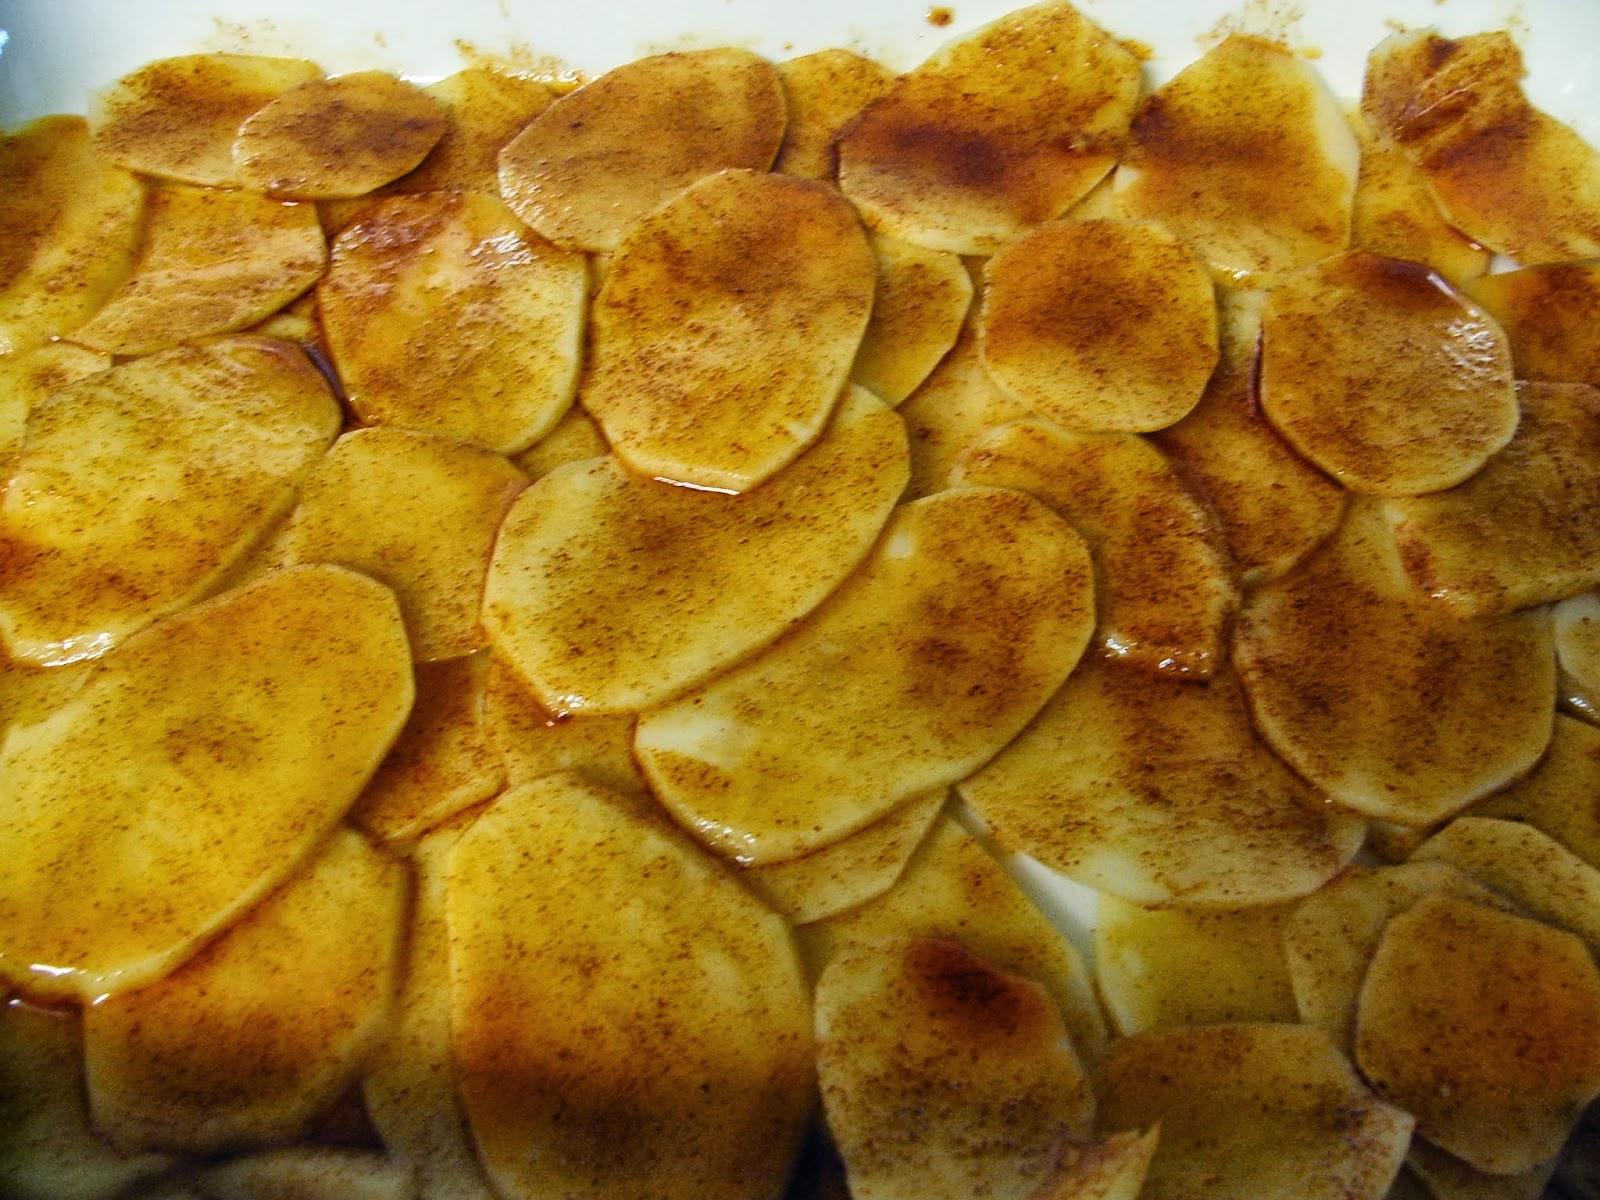 Cocinar sin sal bertorella sobre lecho de patatas sin sal - Cocinar sin sal ...